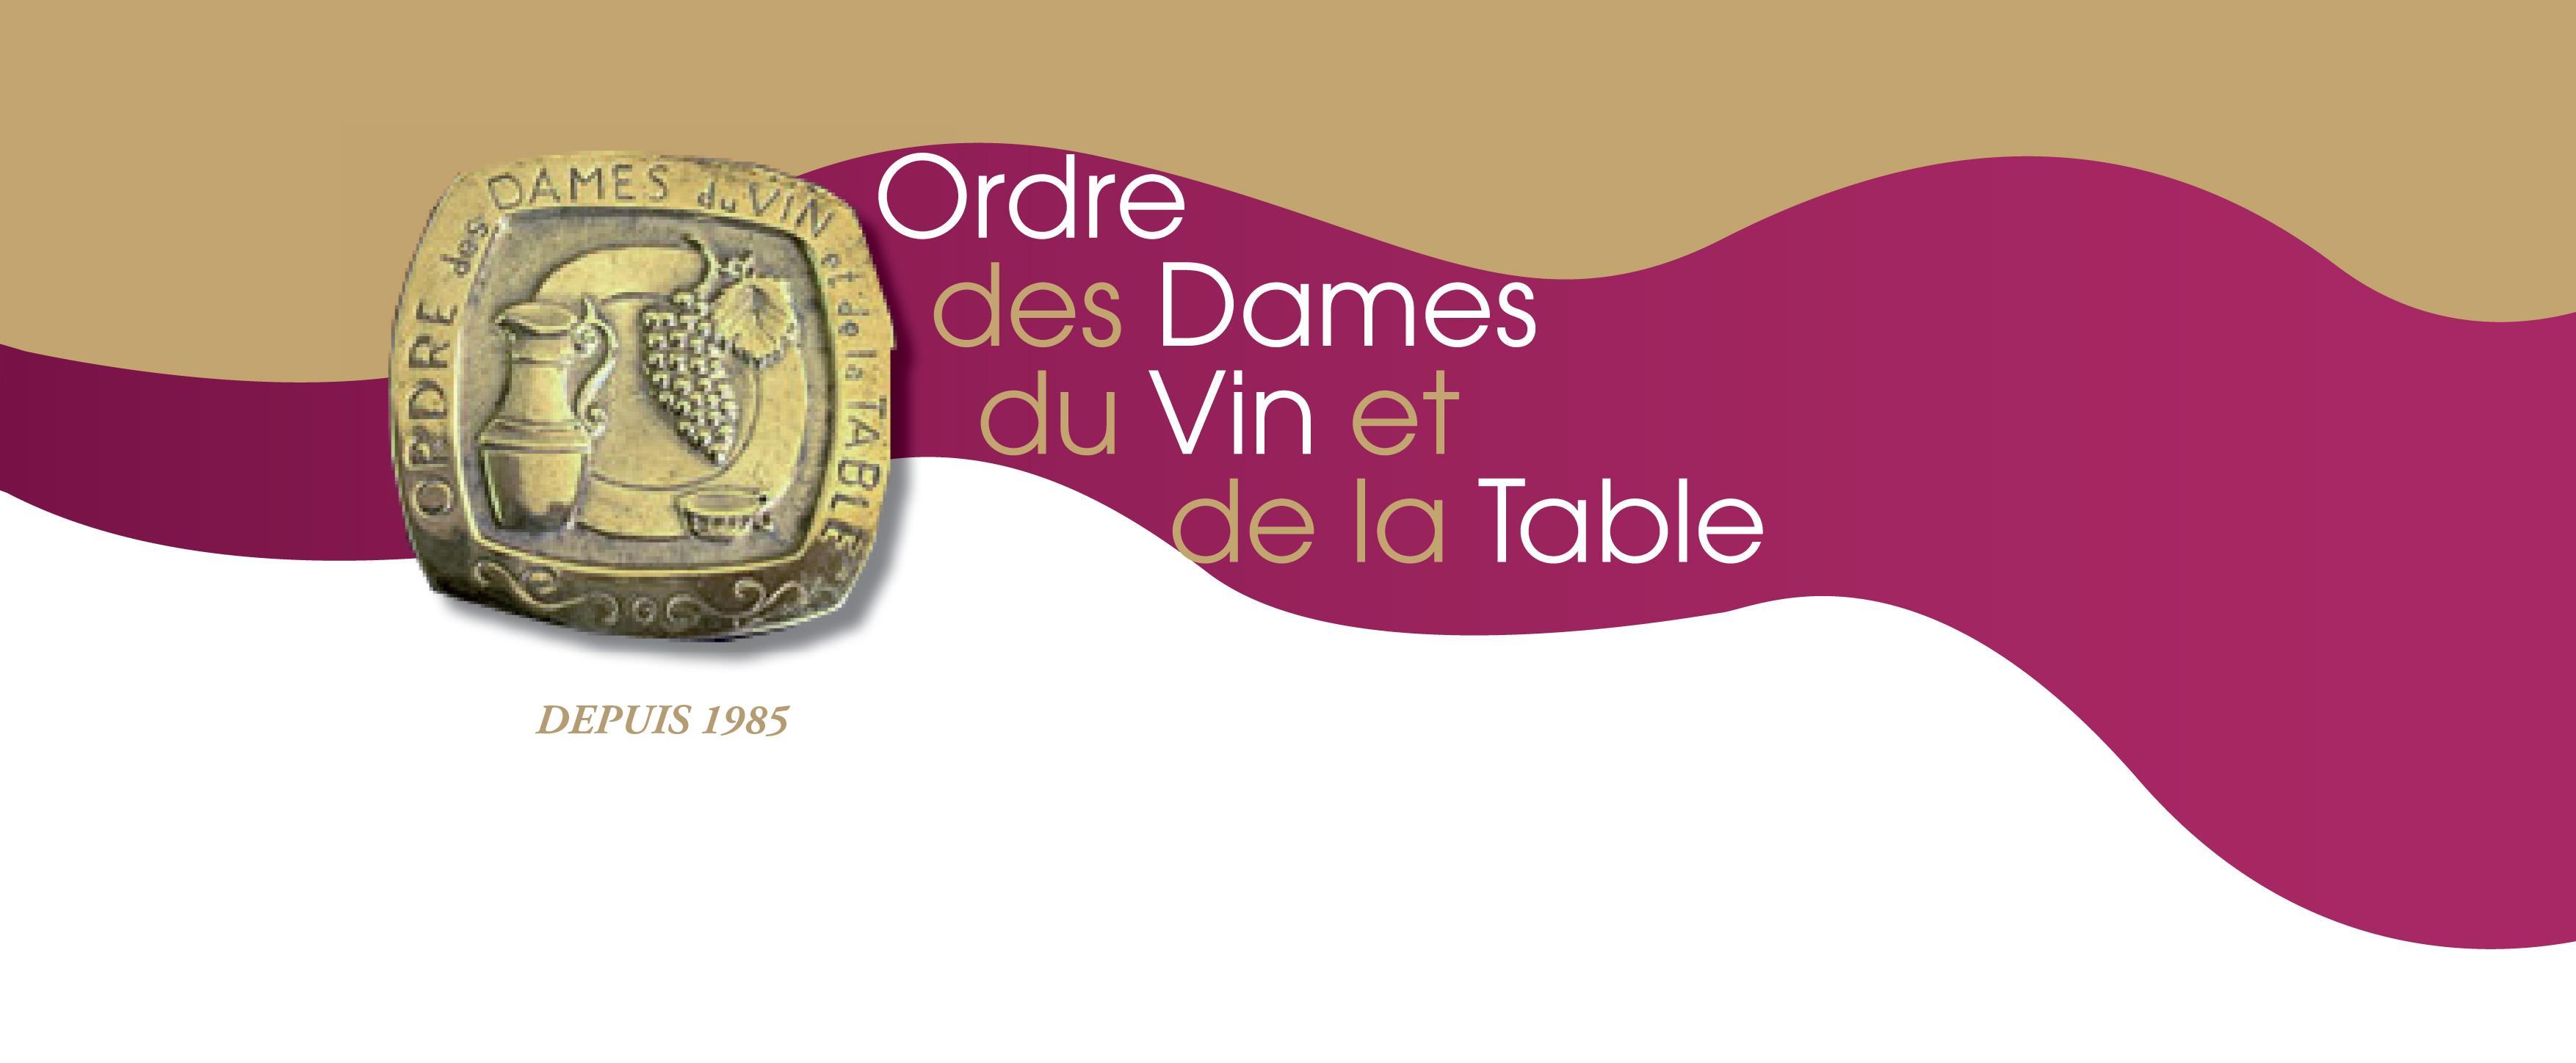 Ordre des Dames du Vin et de la Table